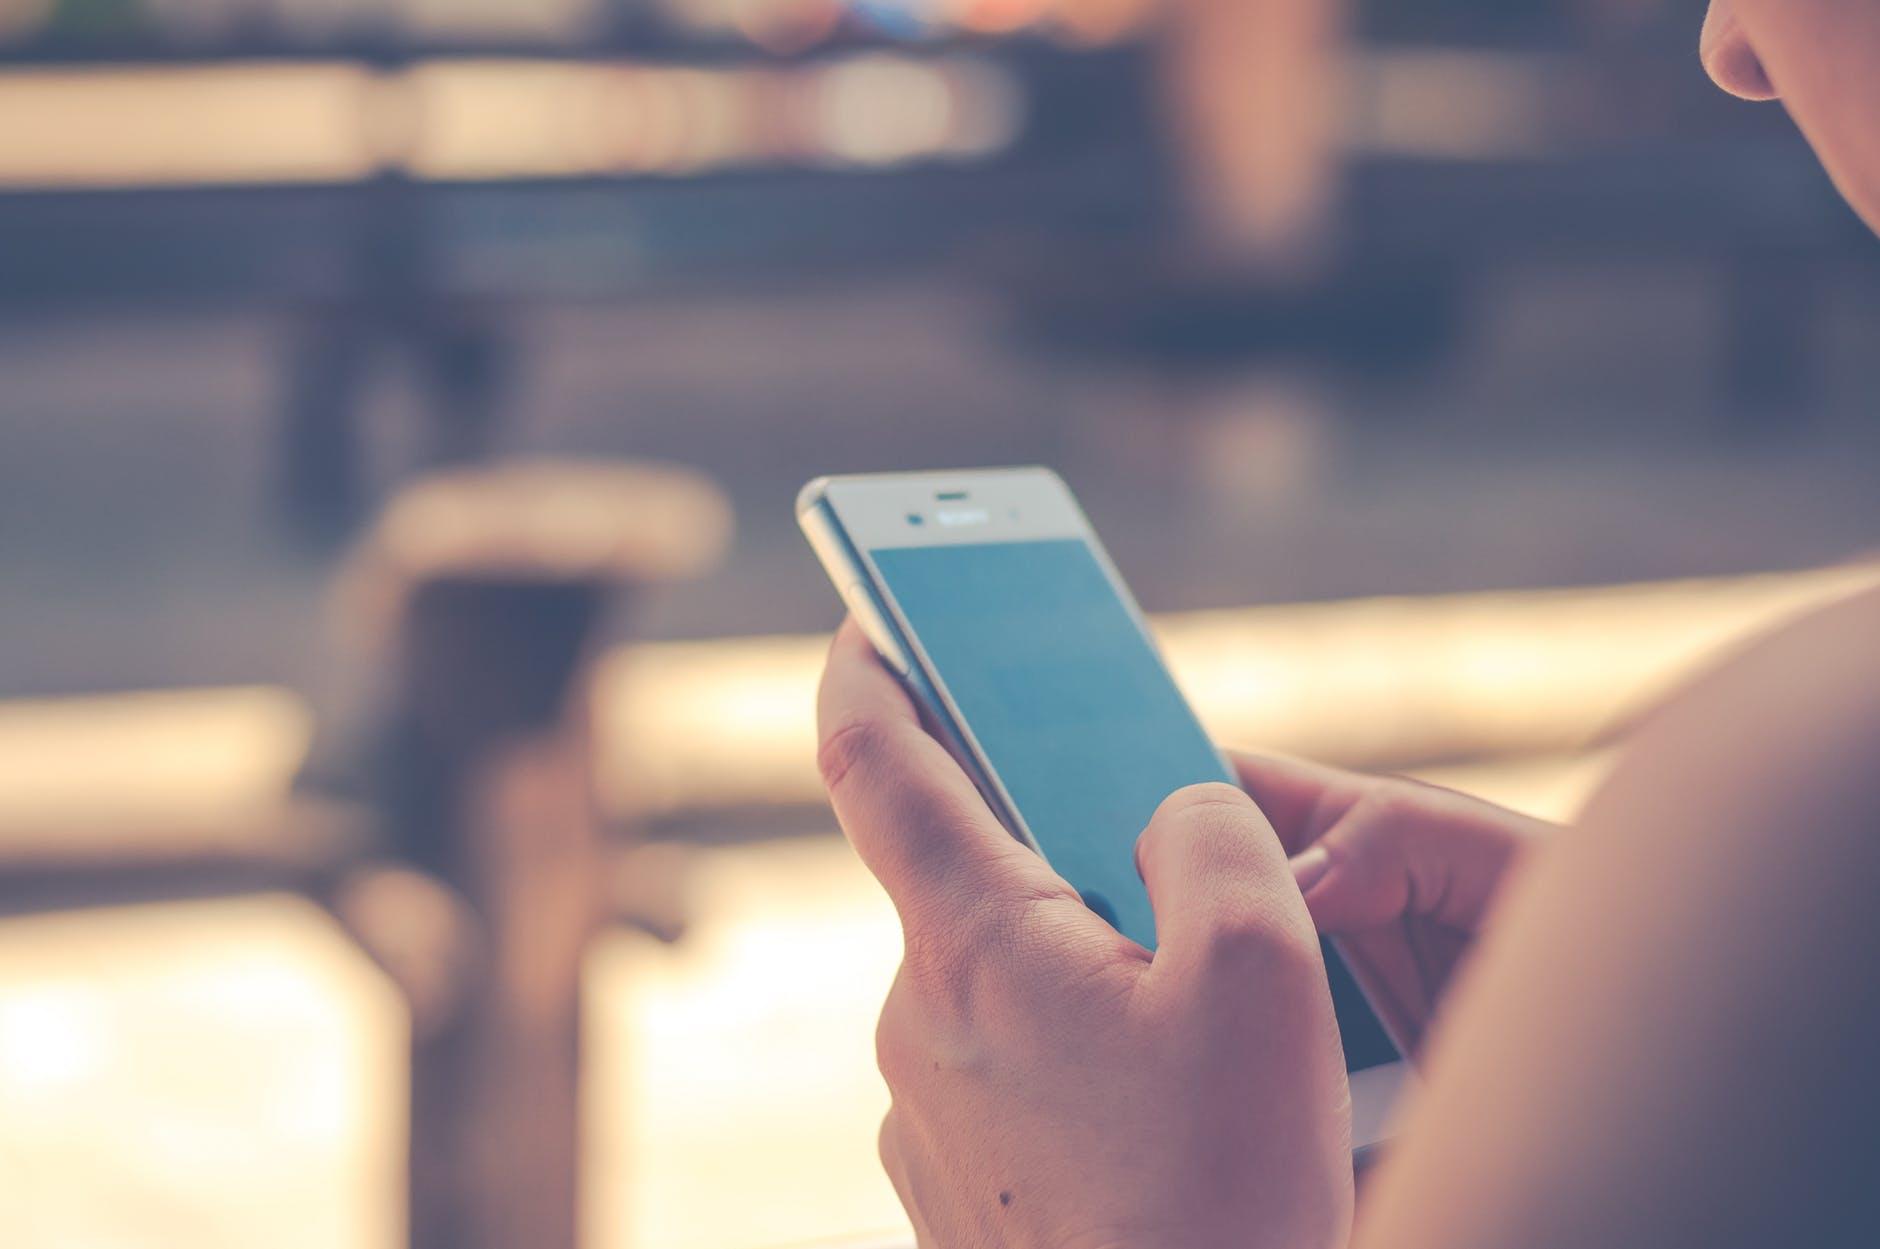 Ubezpieczenie smartfona – co warto wiedzieć?